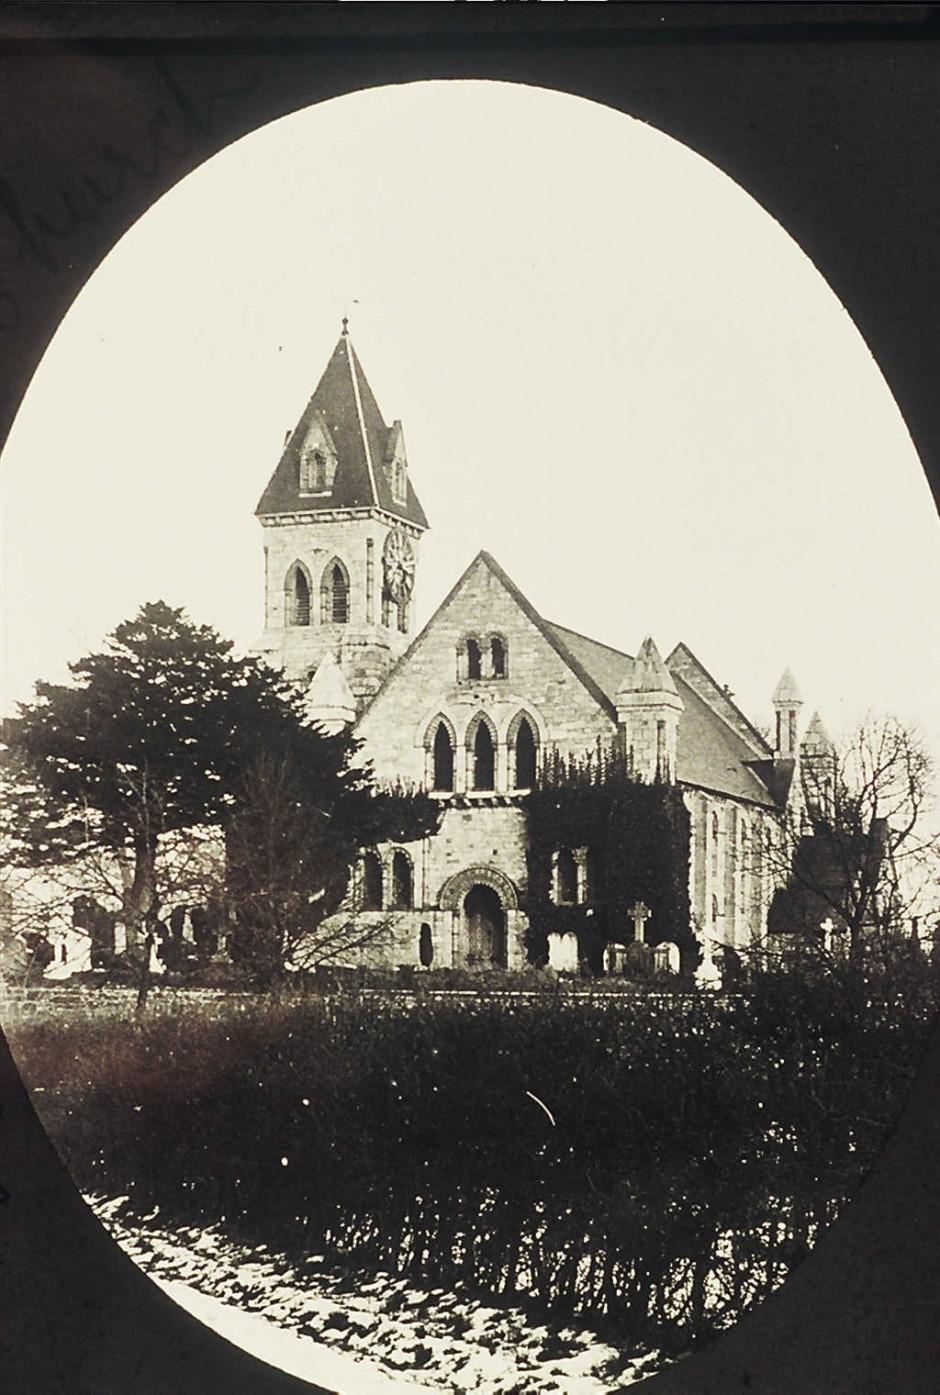 NM-L-19-43 - St Agatha's Church, Llanymynech